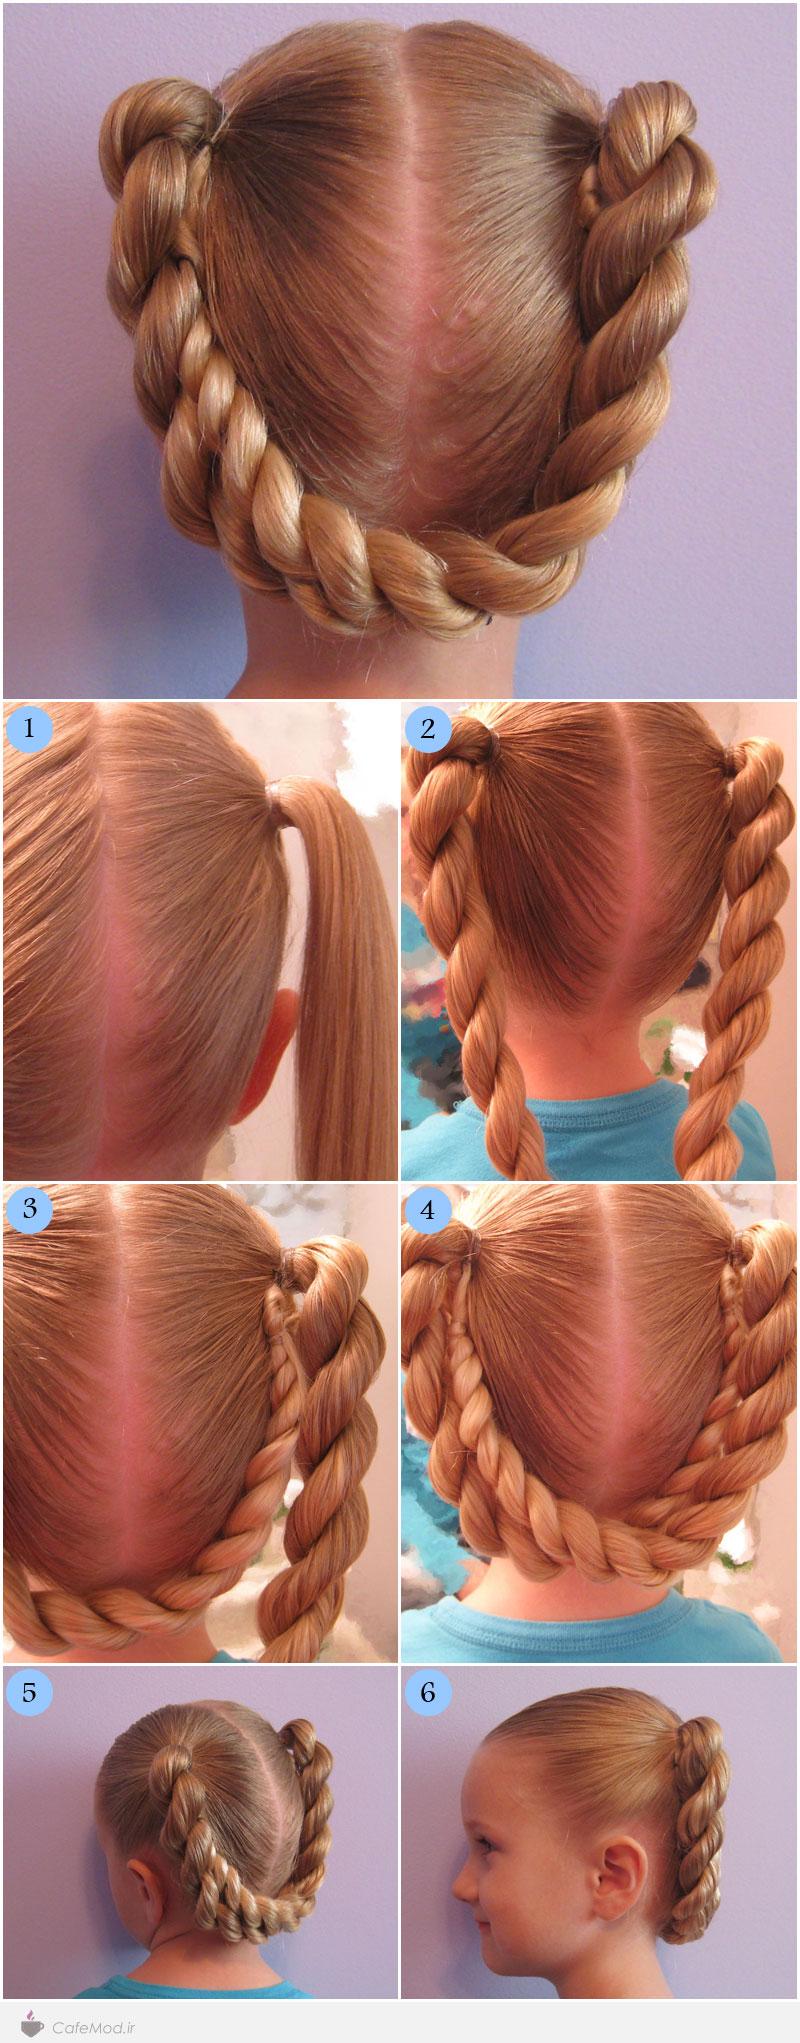 آموزش مدل موی دخترانه